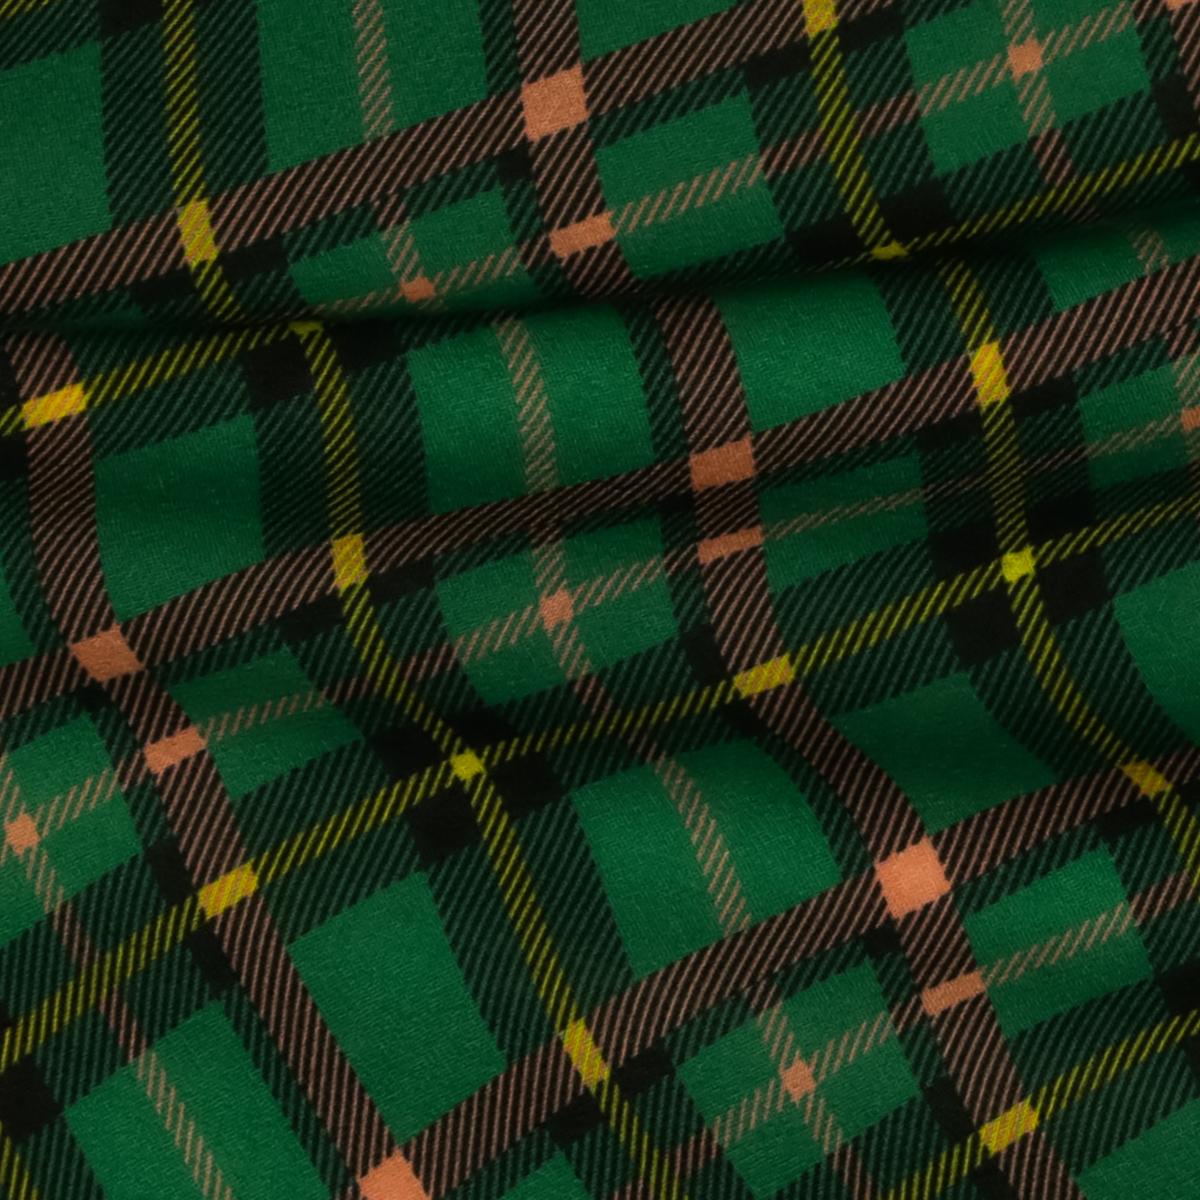 Шерстяной плательный креп зеленого цвета в клетку по диагонали